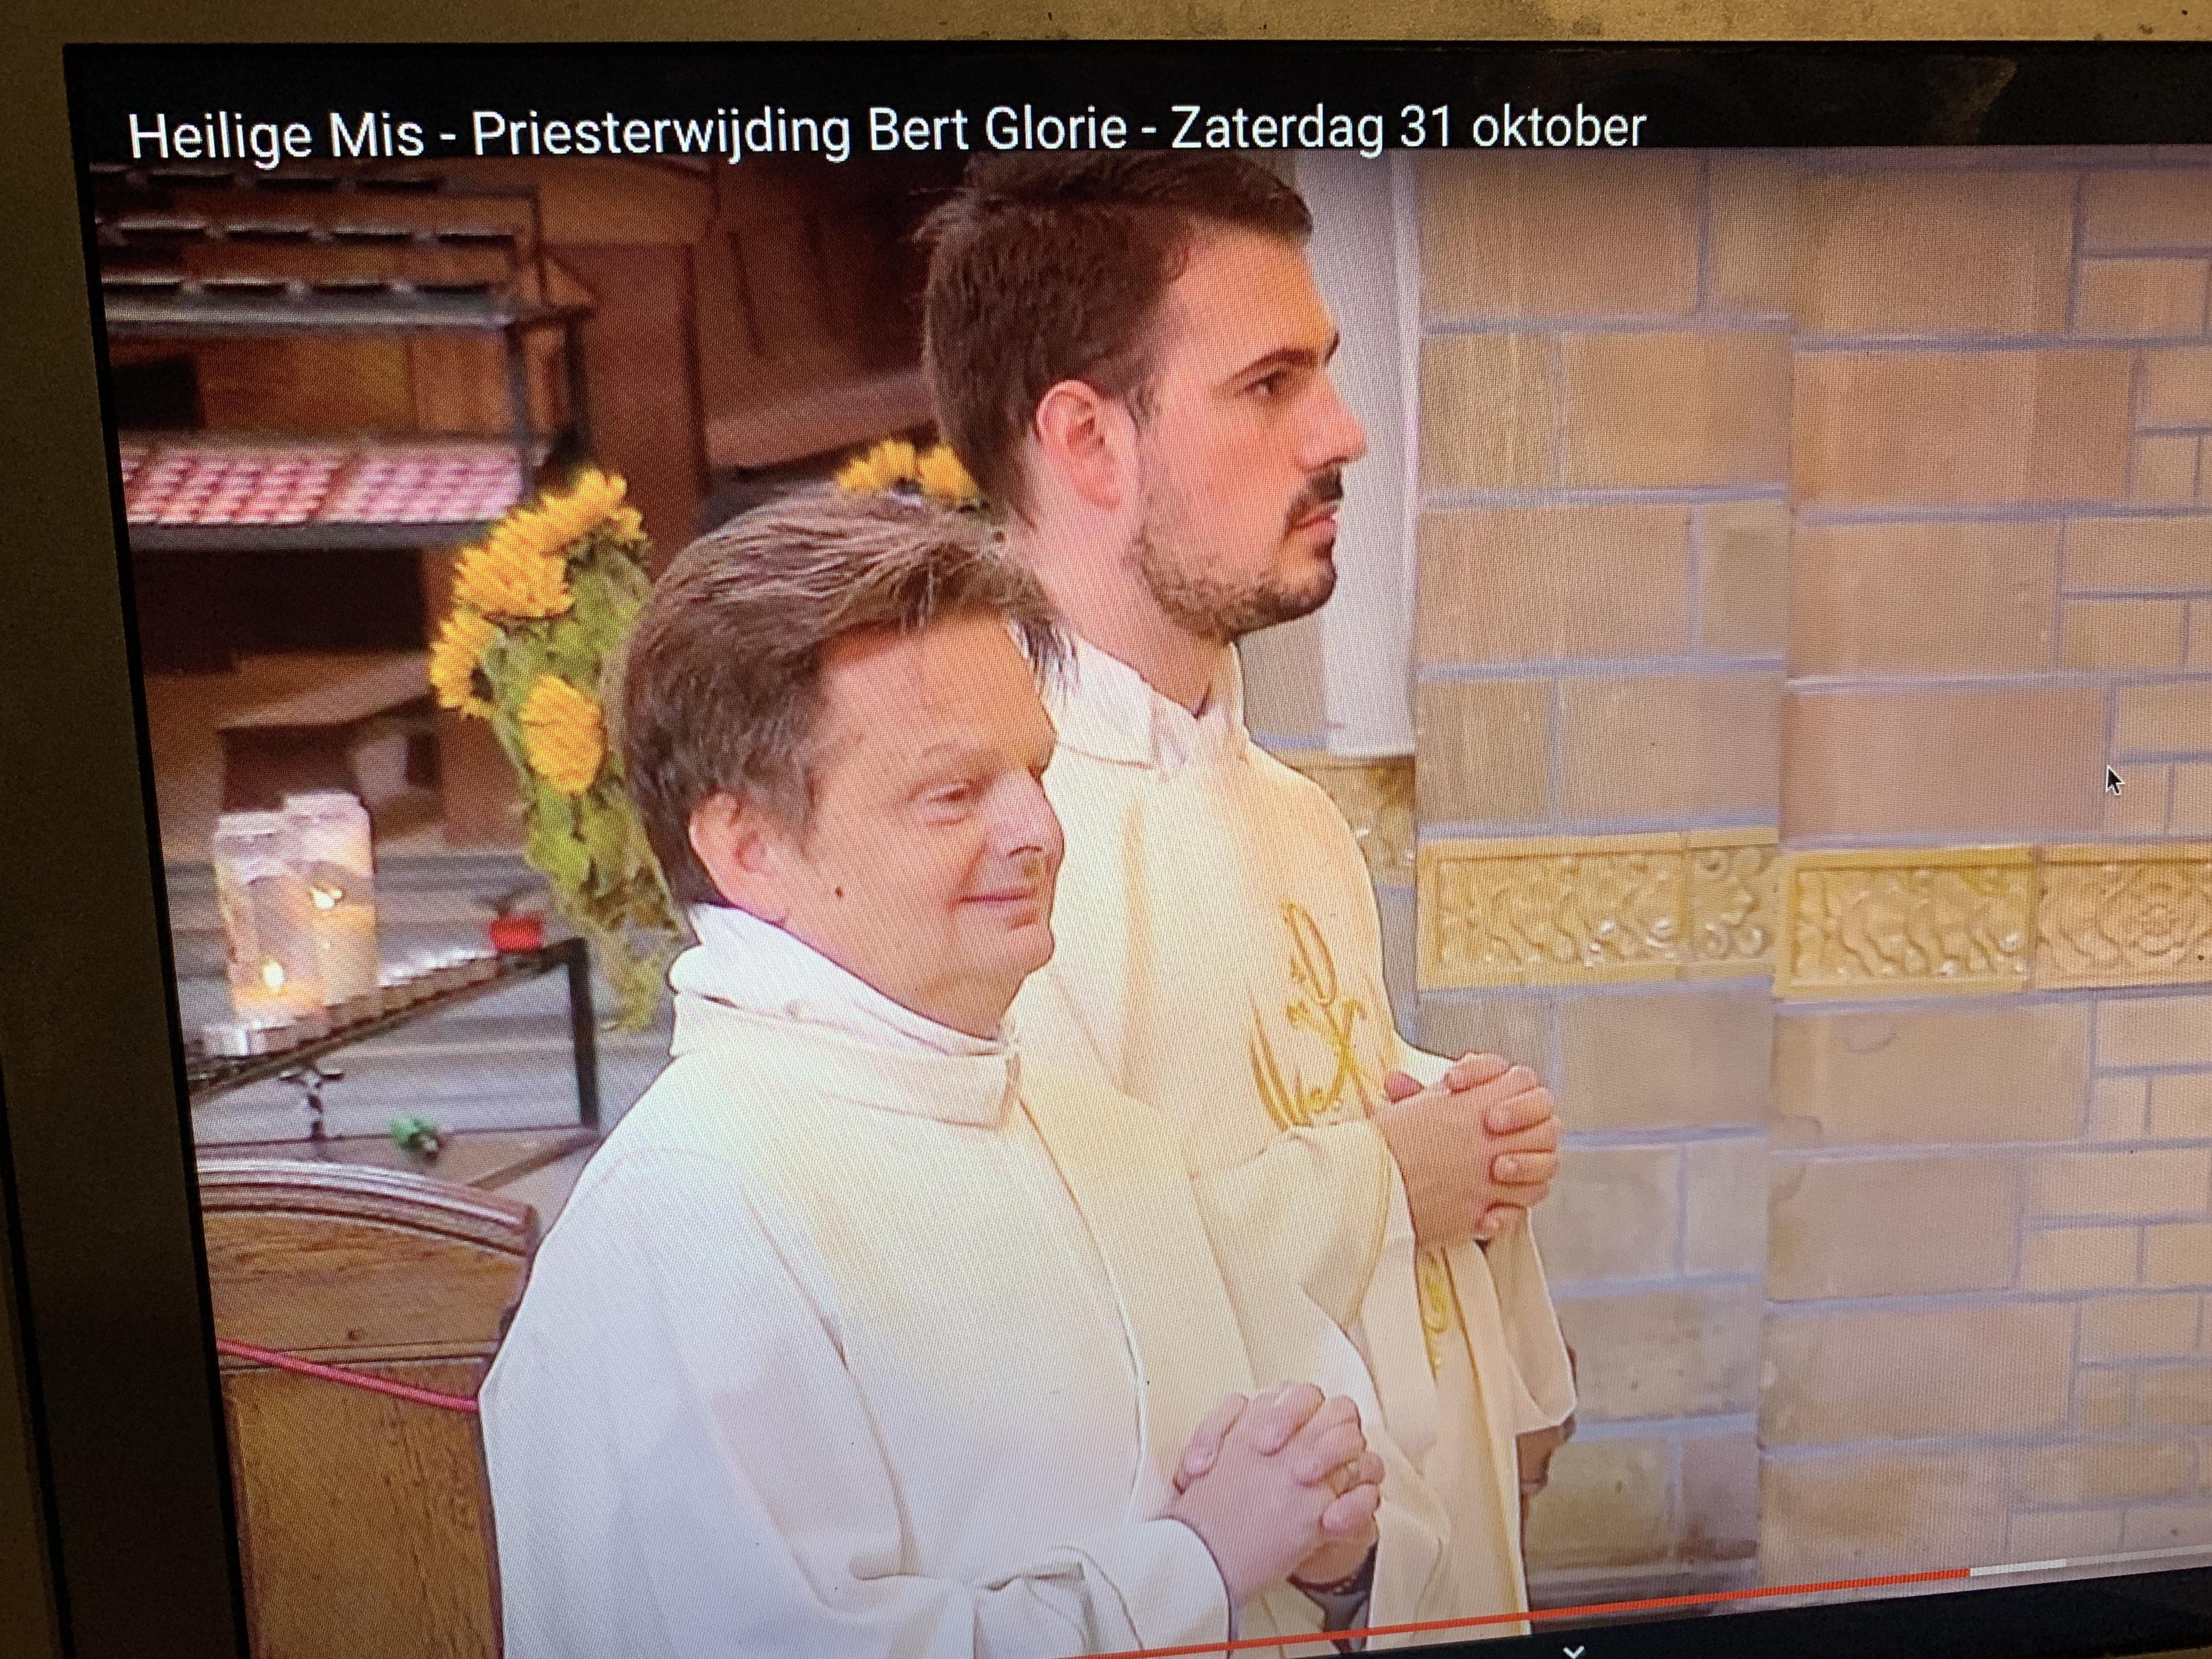 Parochianen van Sint Victor uit Obdam klappen vanuit de huiskamer mee voor 'hun' Bert Glorie, als hij in Haarlem tot priester gewijd wordt